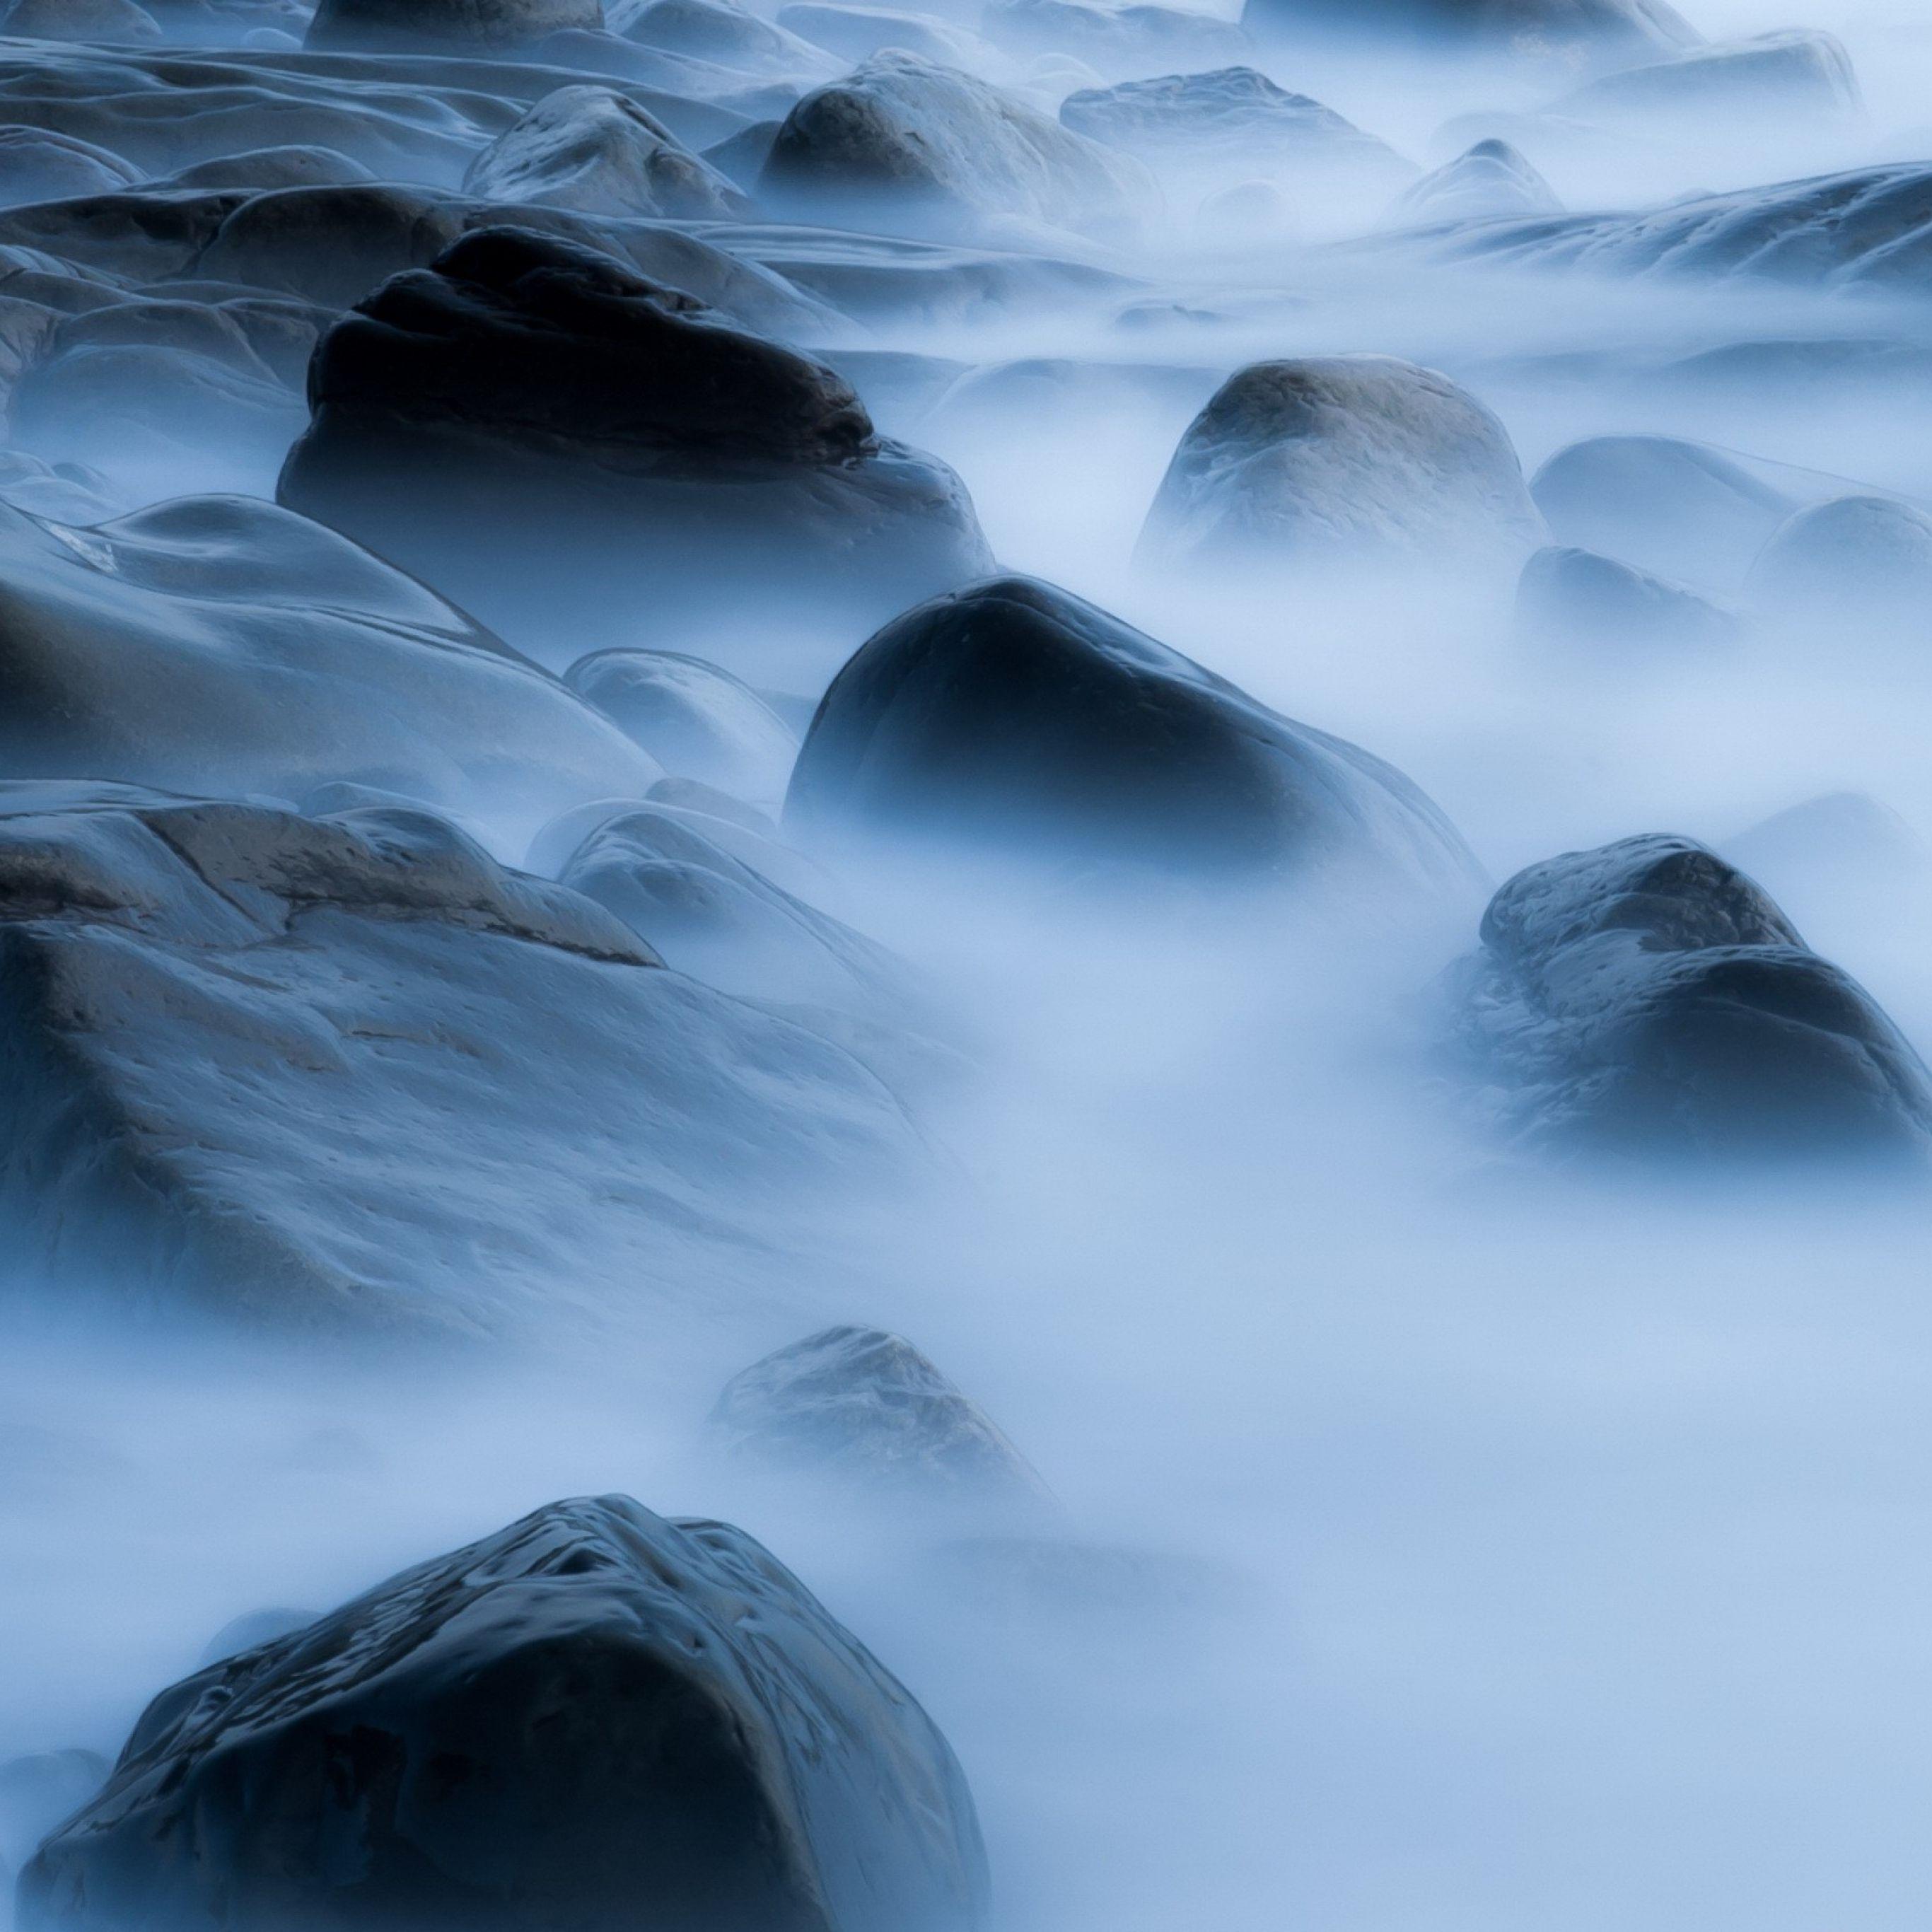 pedras 2732x2732 Wallpaper, fumo, véu, praia